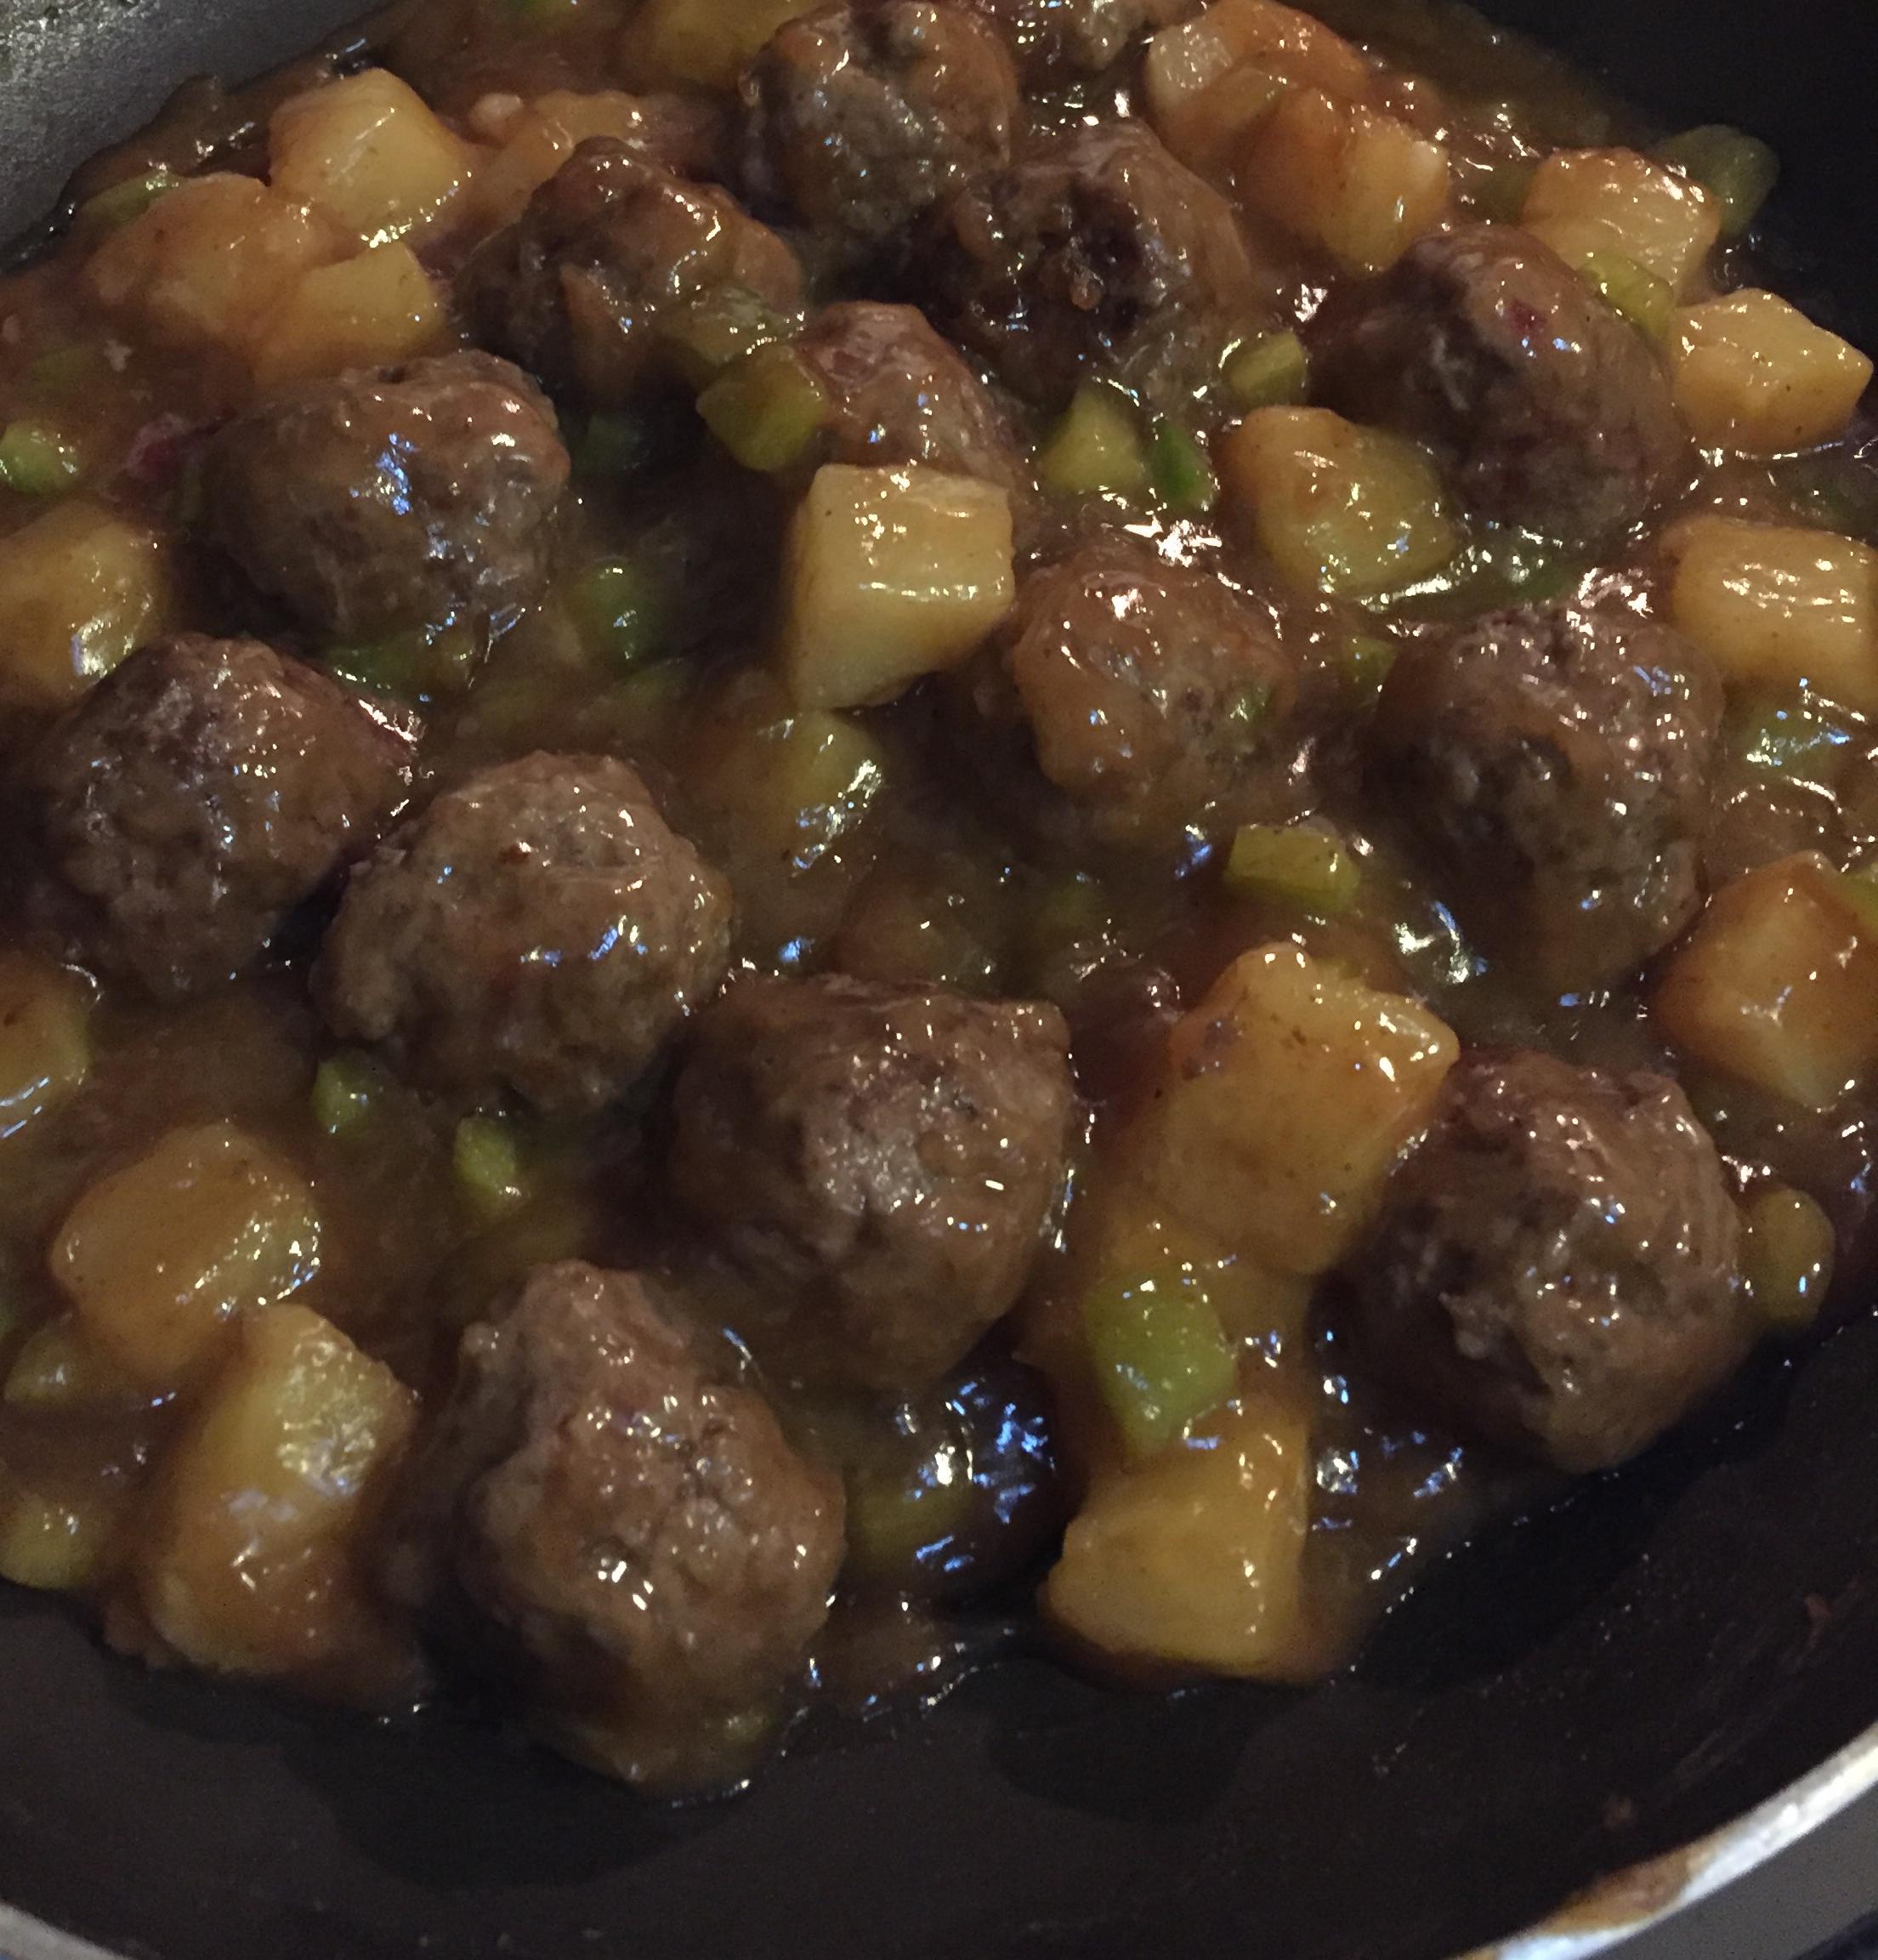 Hawaiian Meatballs Dandyd56@outlook.com